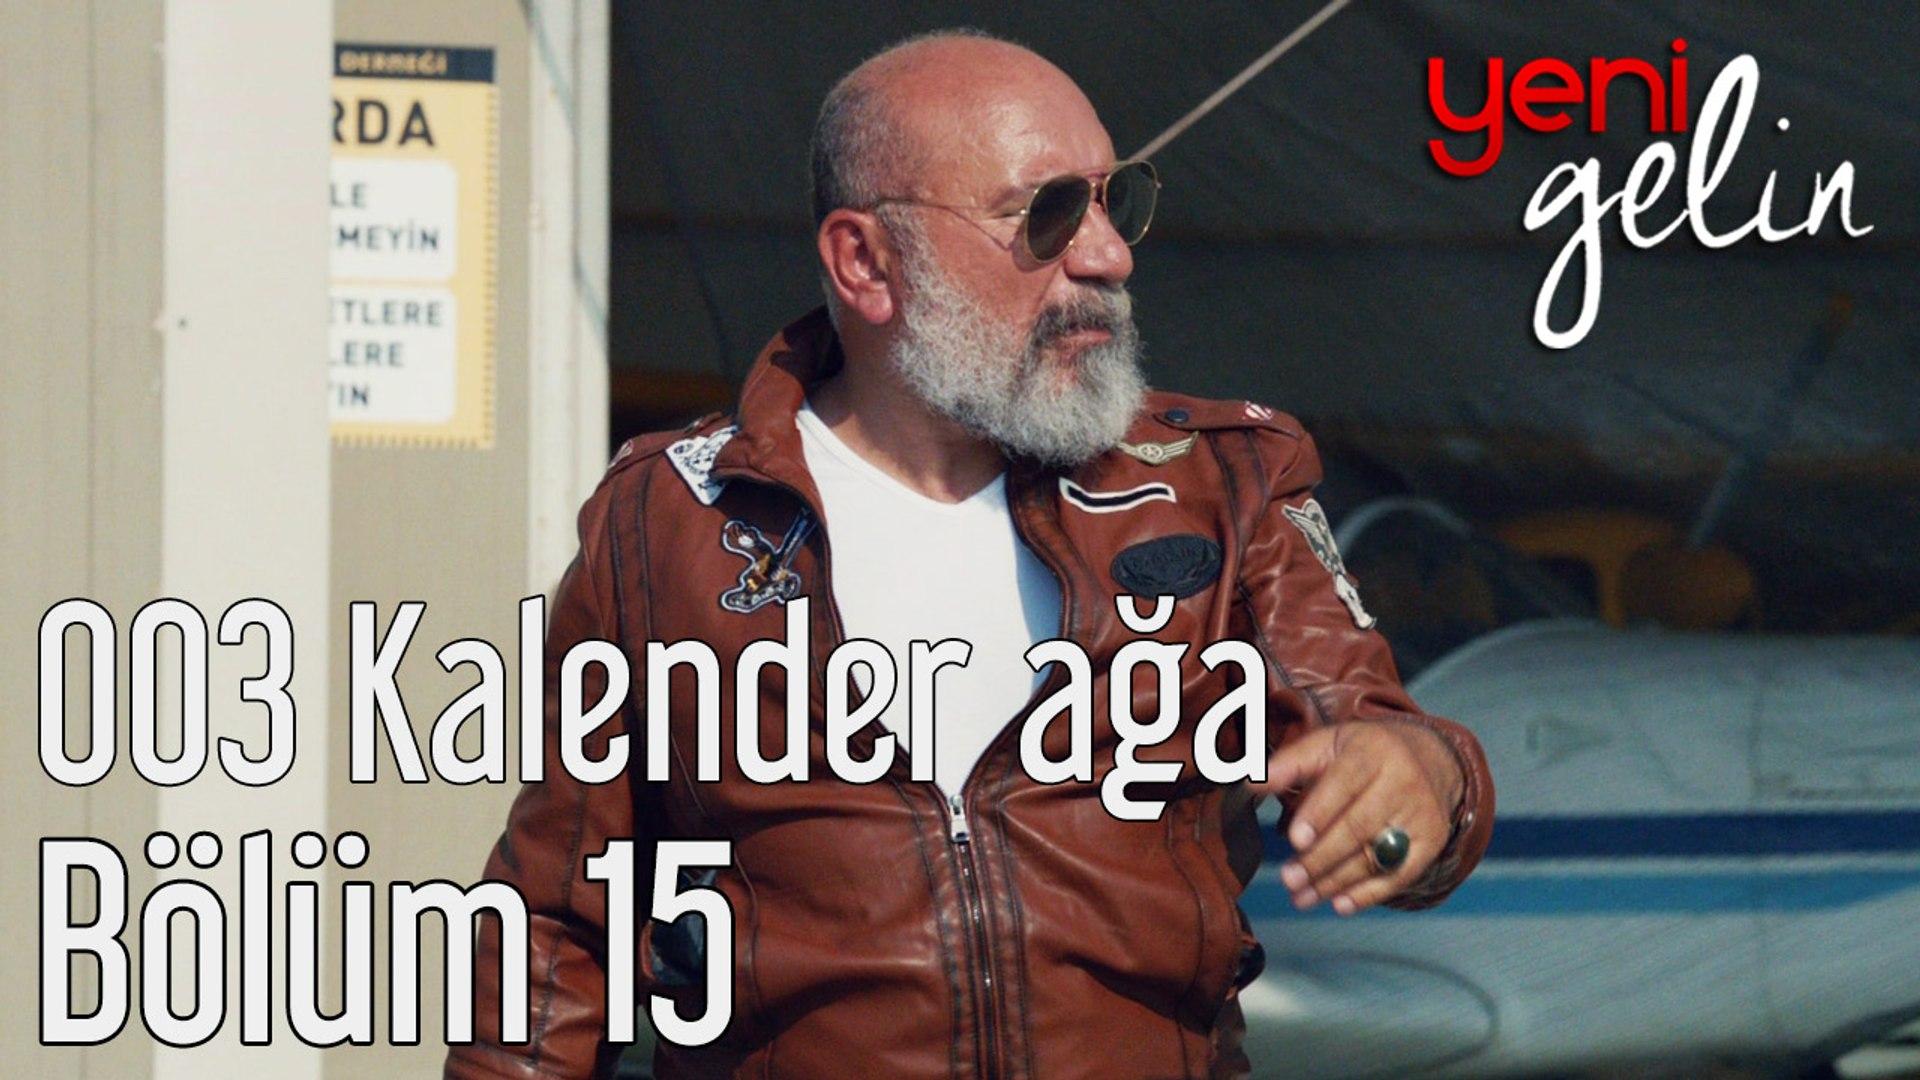 Yeni Gelin 15. Bölüm 003 Kalender Ağa